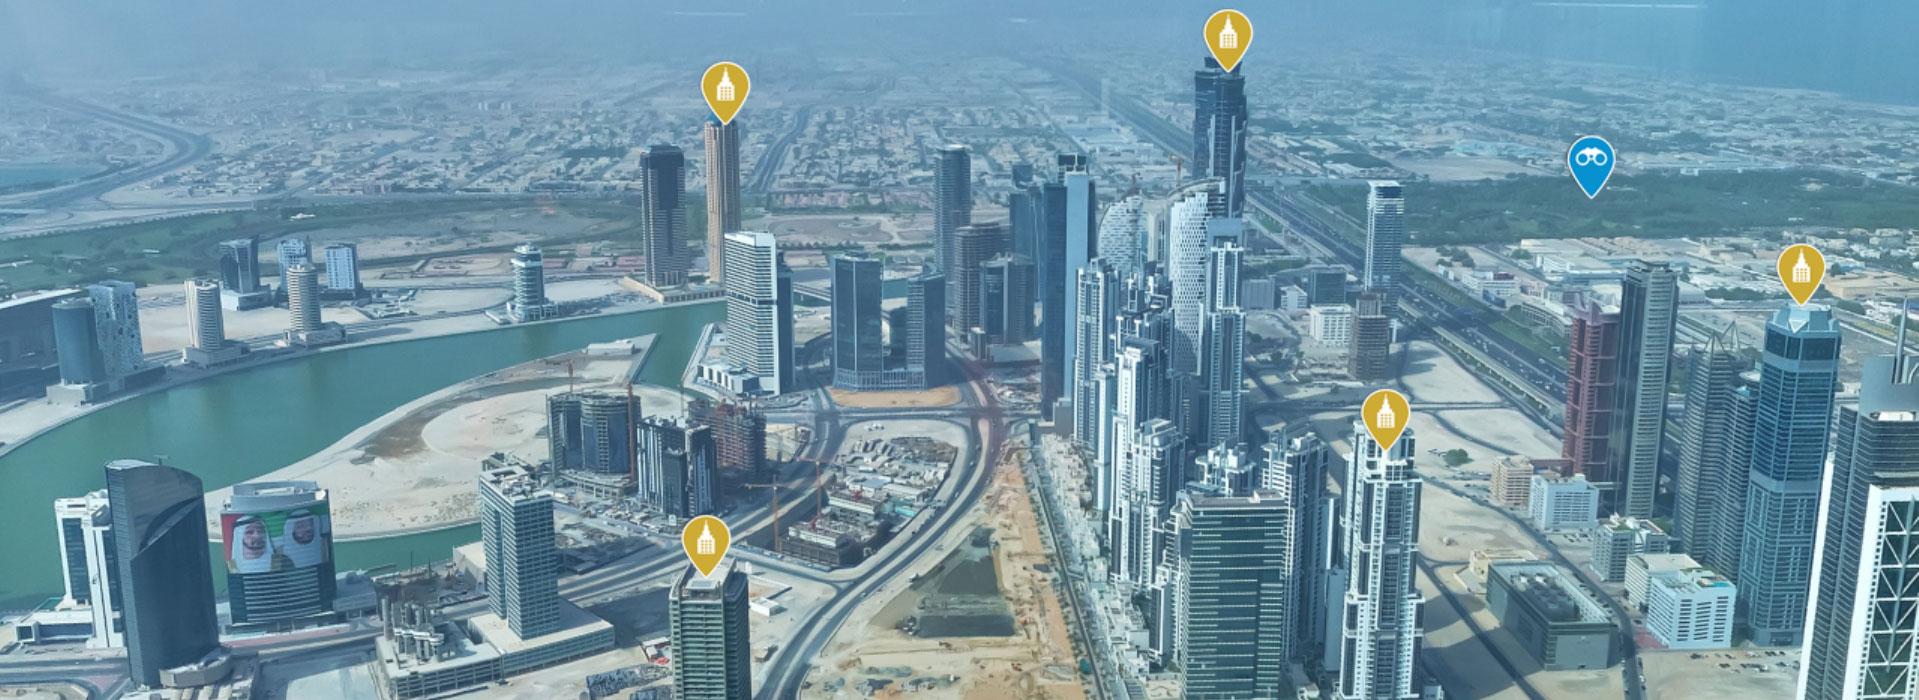 Привлечение туристов при помощи сферических 3д-панорам (ЛикБез)